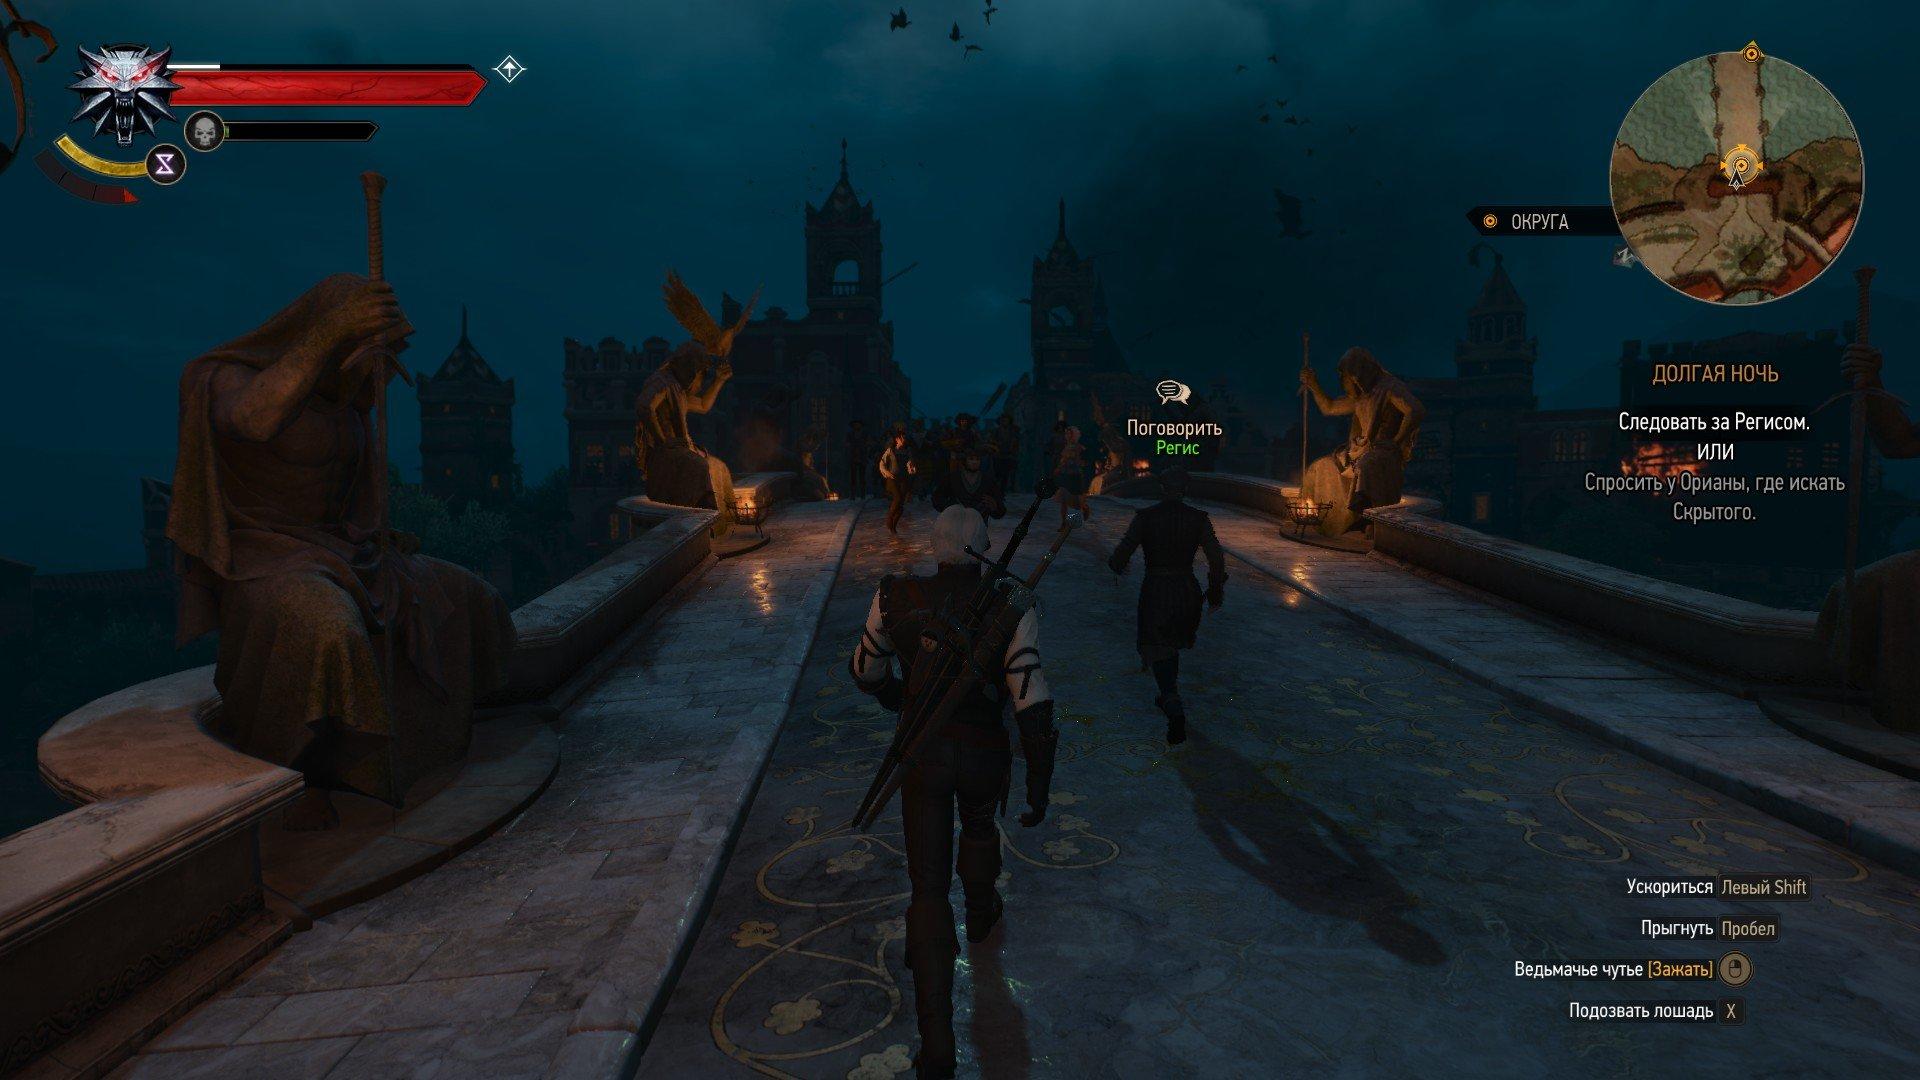 Вопль-прохождение Witcher 3: Кровь и Вино ... ФИНАЛ!!! [ВНИМАНИЕ, СПОЙЛЕРЫ] - Изображение 17